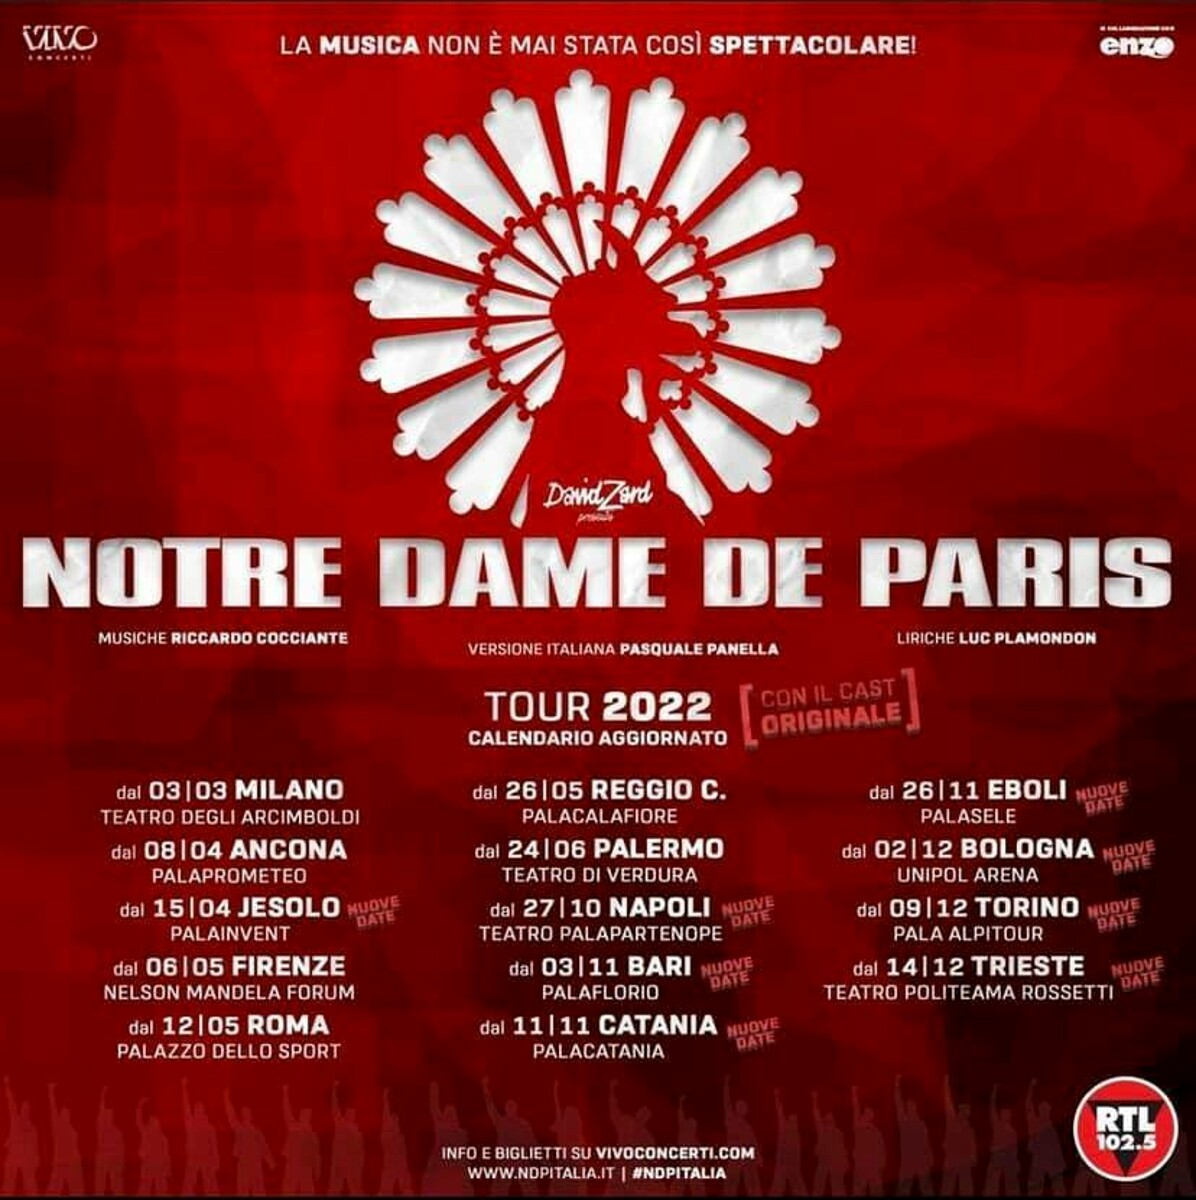 Notre Dame de Paris al Palasele: ecco la nuova data dello spettacolo slittato